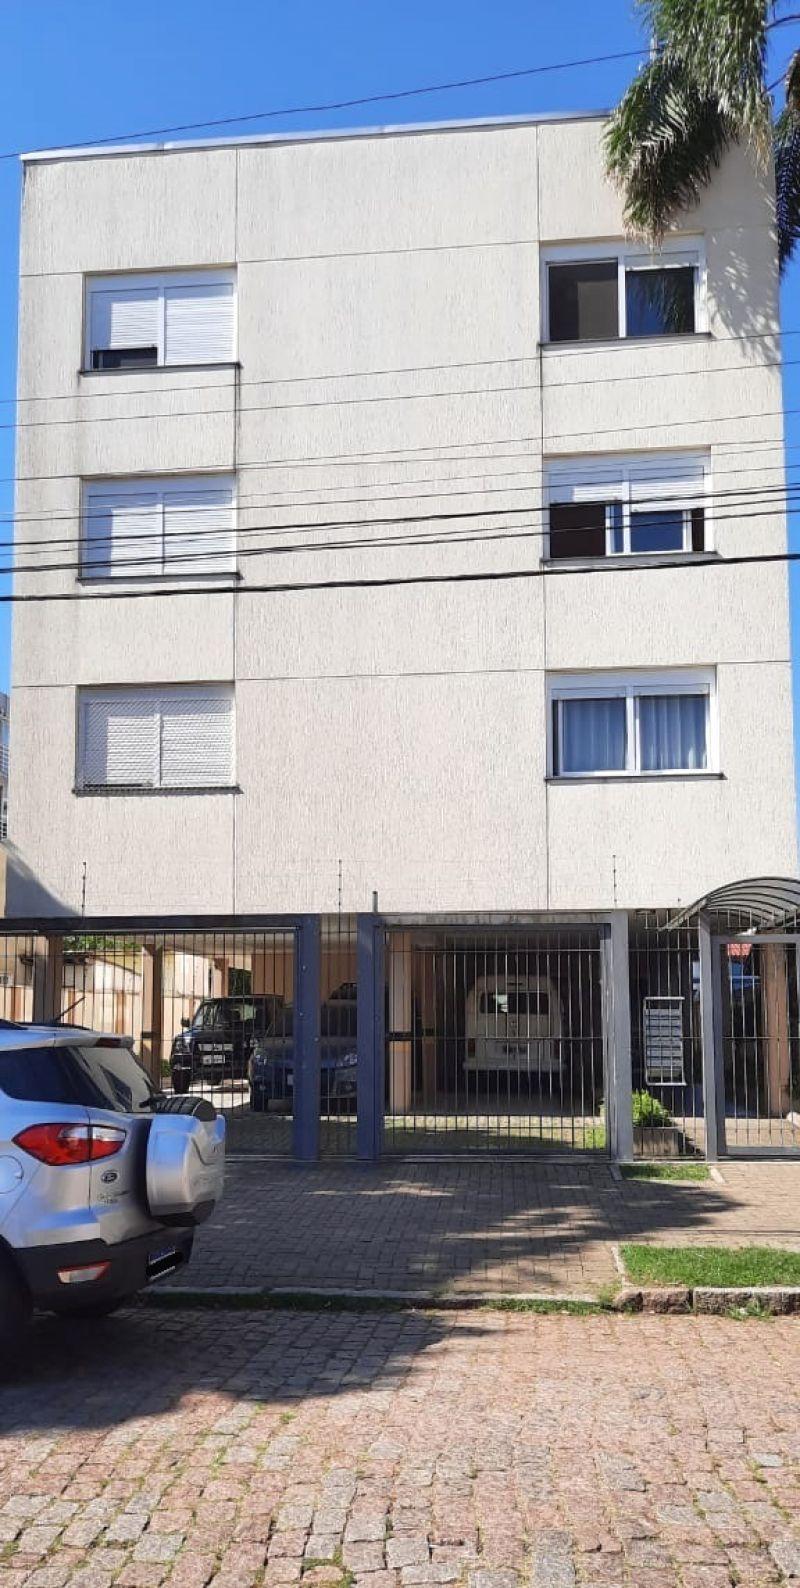 Apto 1 dormitório  no bairro GLORIA em PORTO ALEGRE